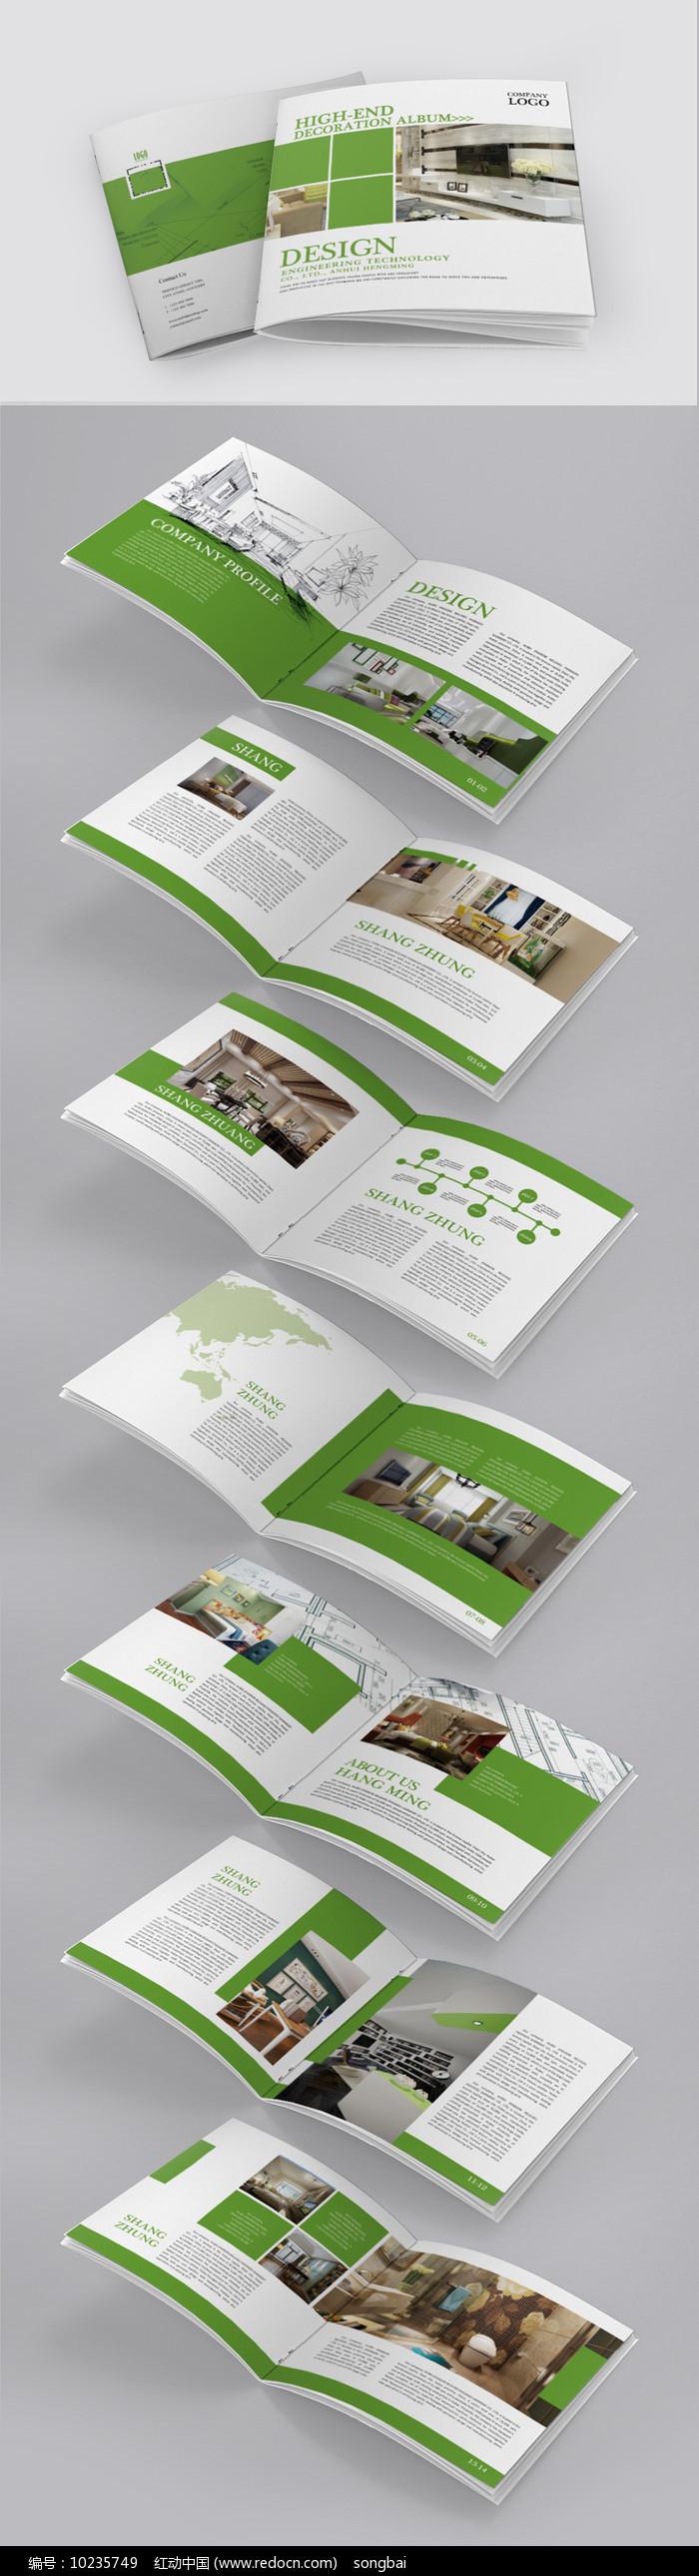 绿色清新装修家居企业宣传画册图片